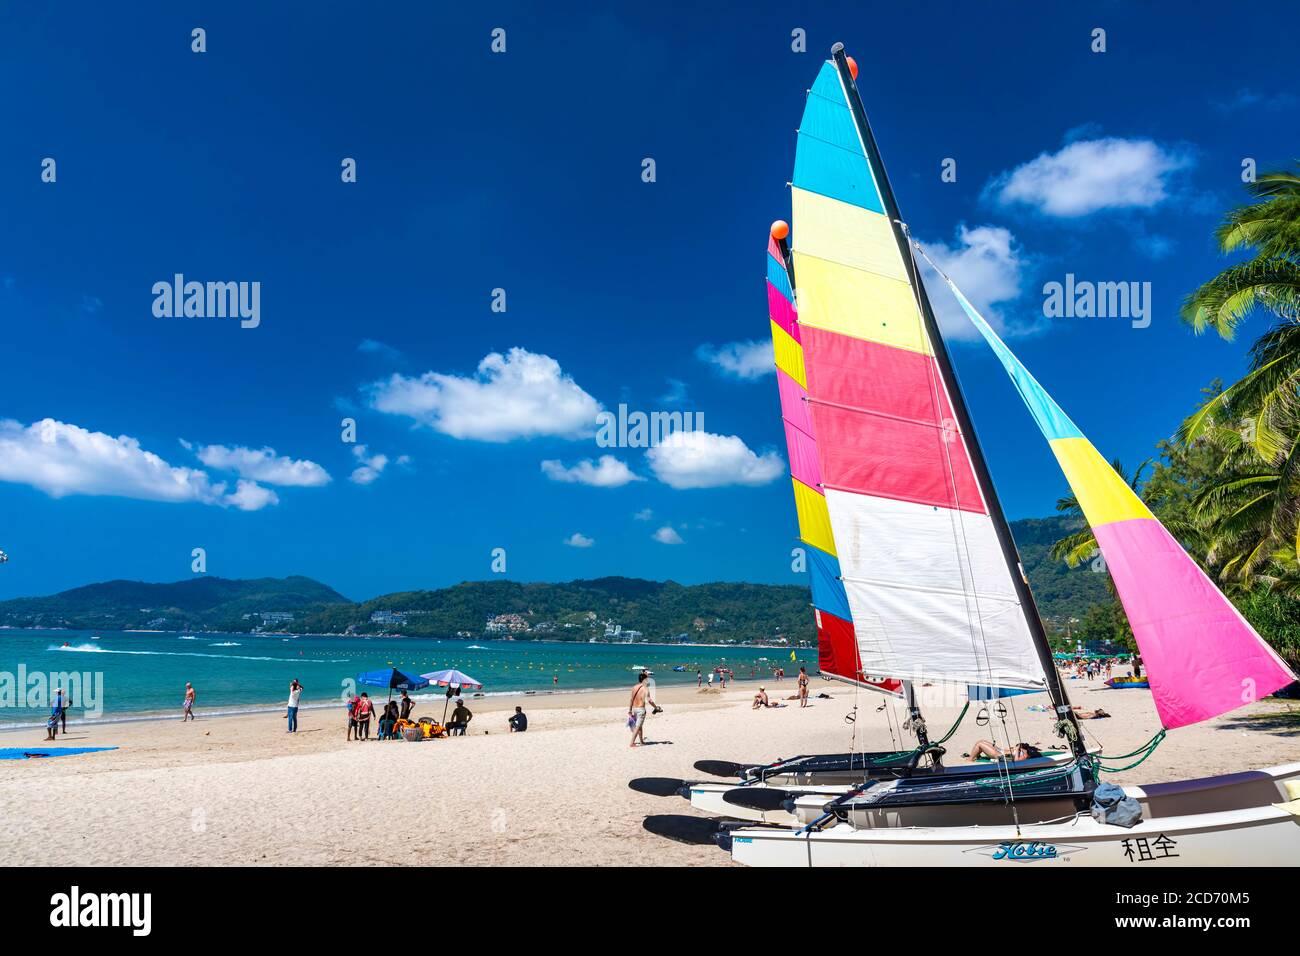 Location de bateaux sur la plage de Patong, Phuket, Thaïlande Banque D'Images